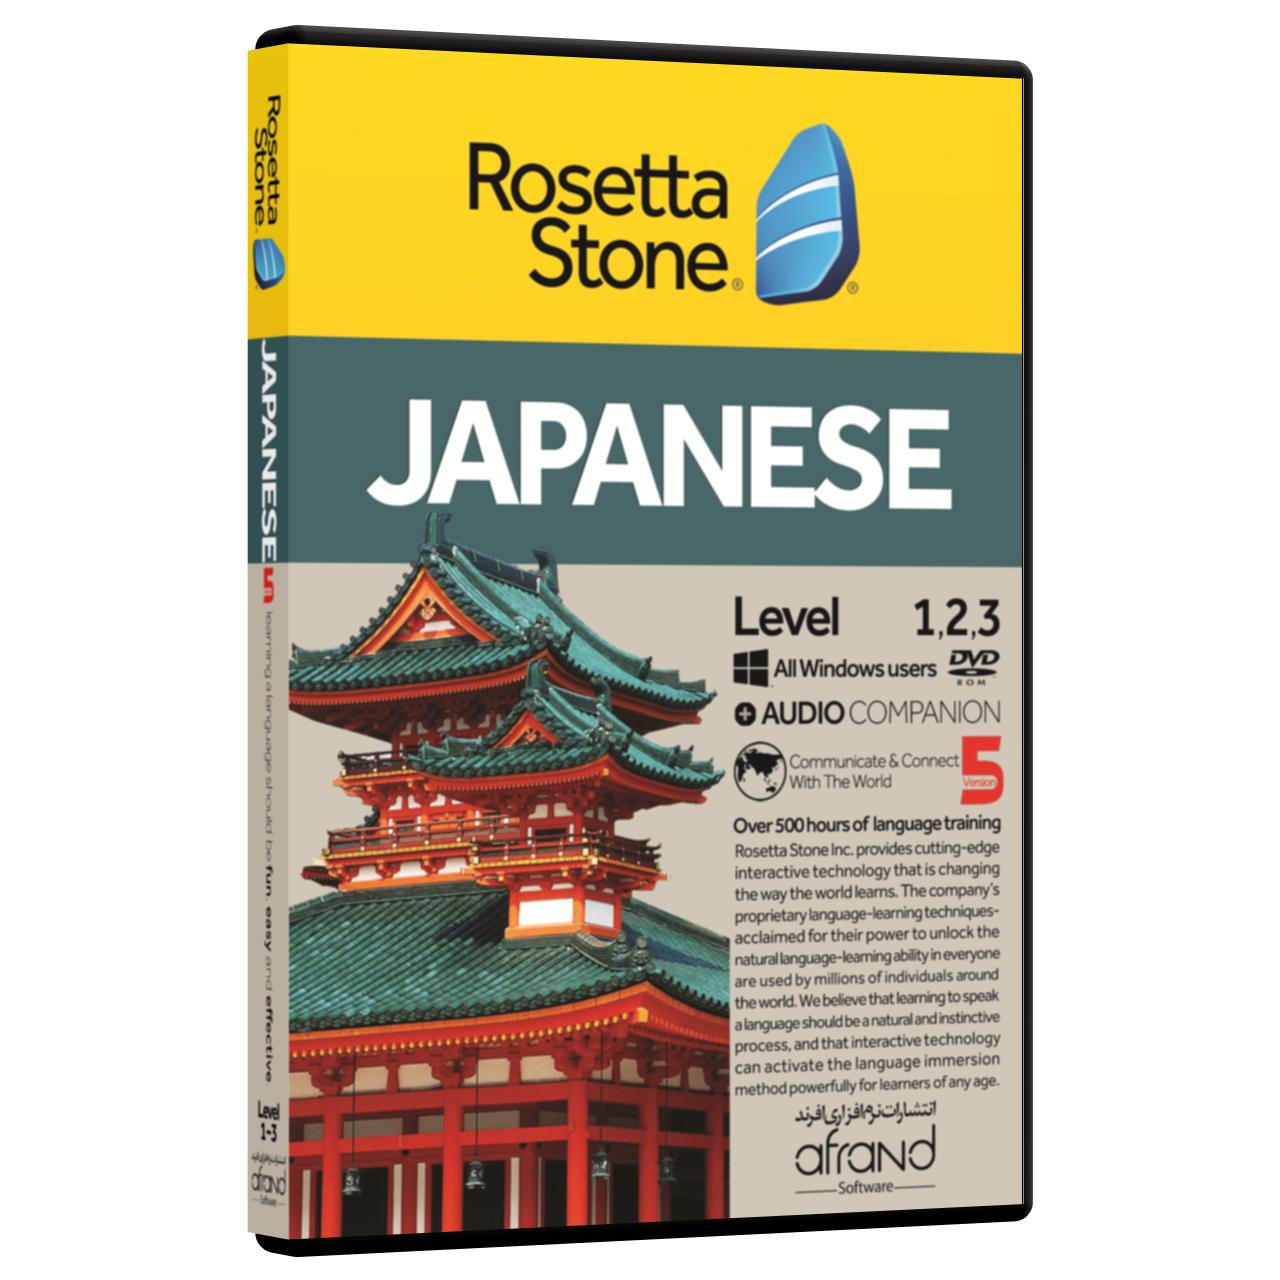 نرم افزار آموزش زبان ژاپنی رزتااستون نسخه 5 انتشارات نرم افزاری افرند